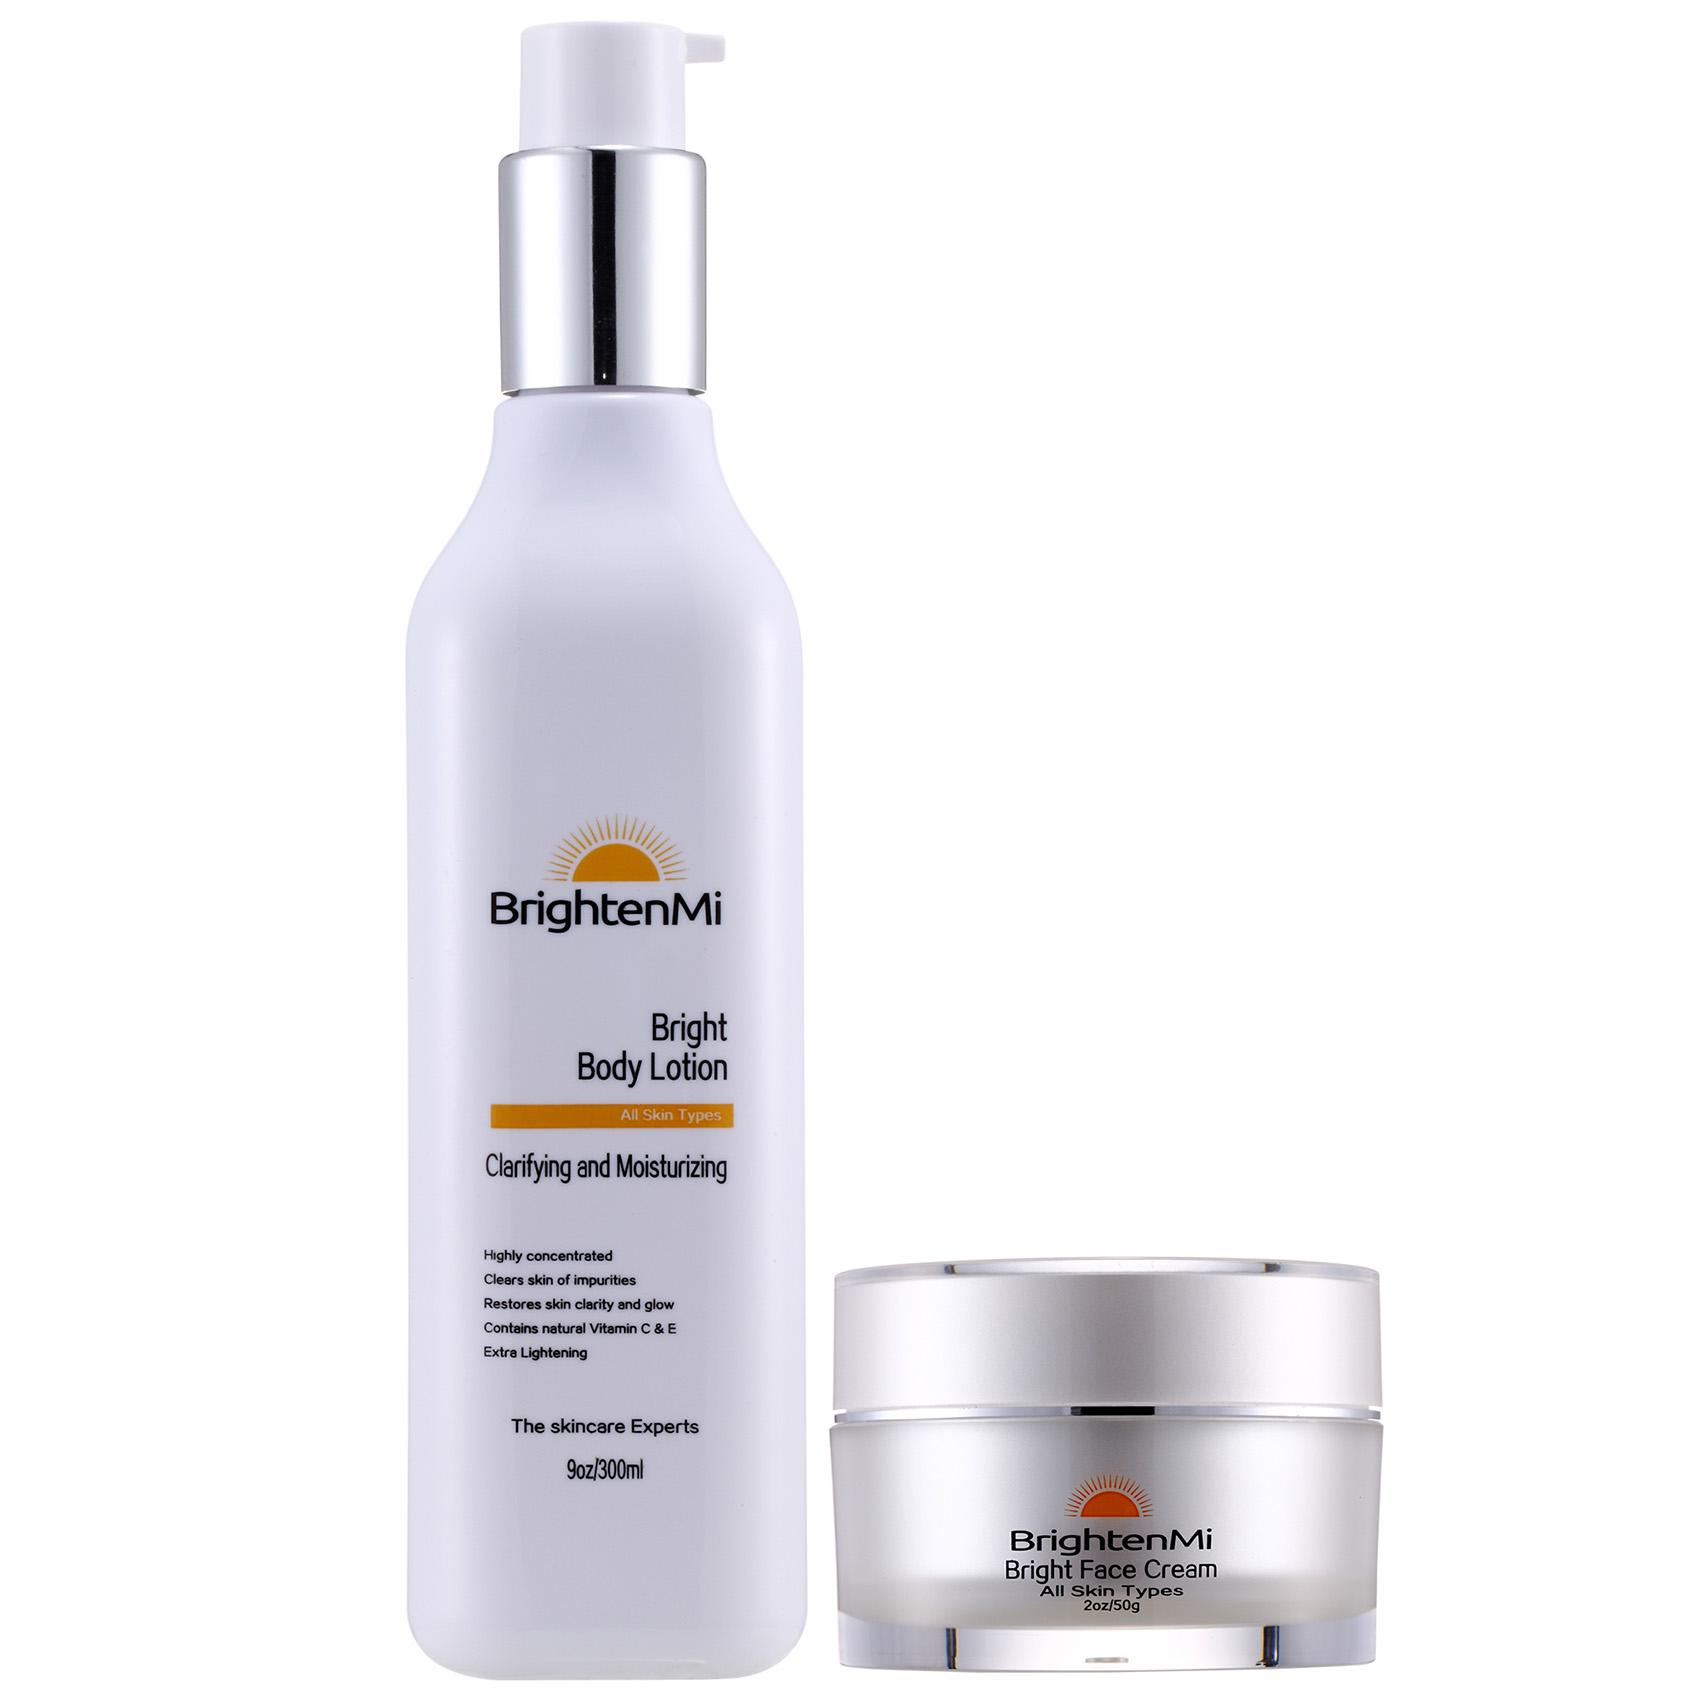 BrightenMi Olive Line bright body lotion and bright face cream